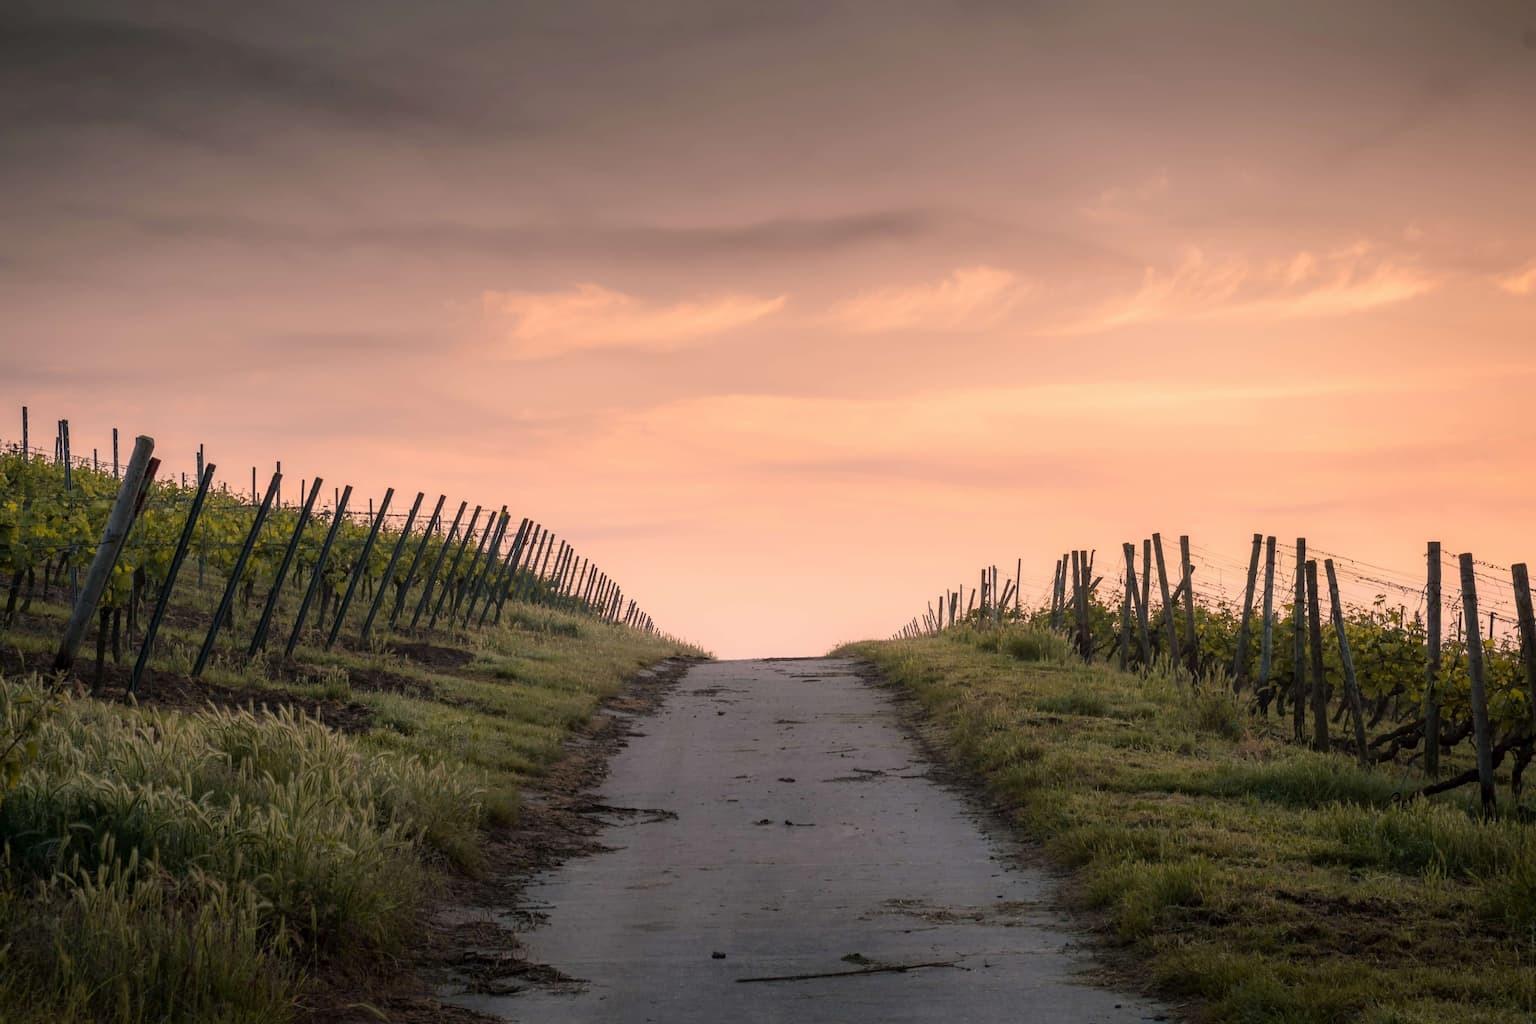 Pathway photo by Karsten Würth on Unsplash